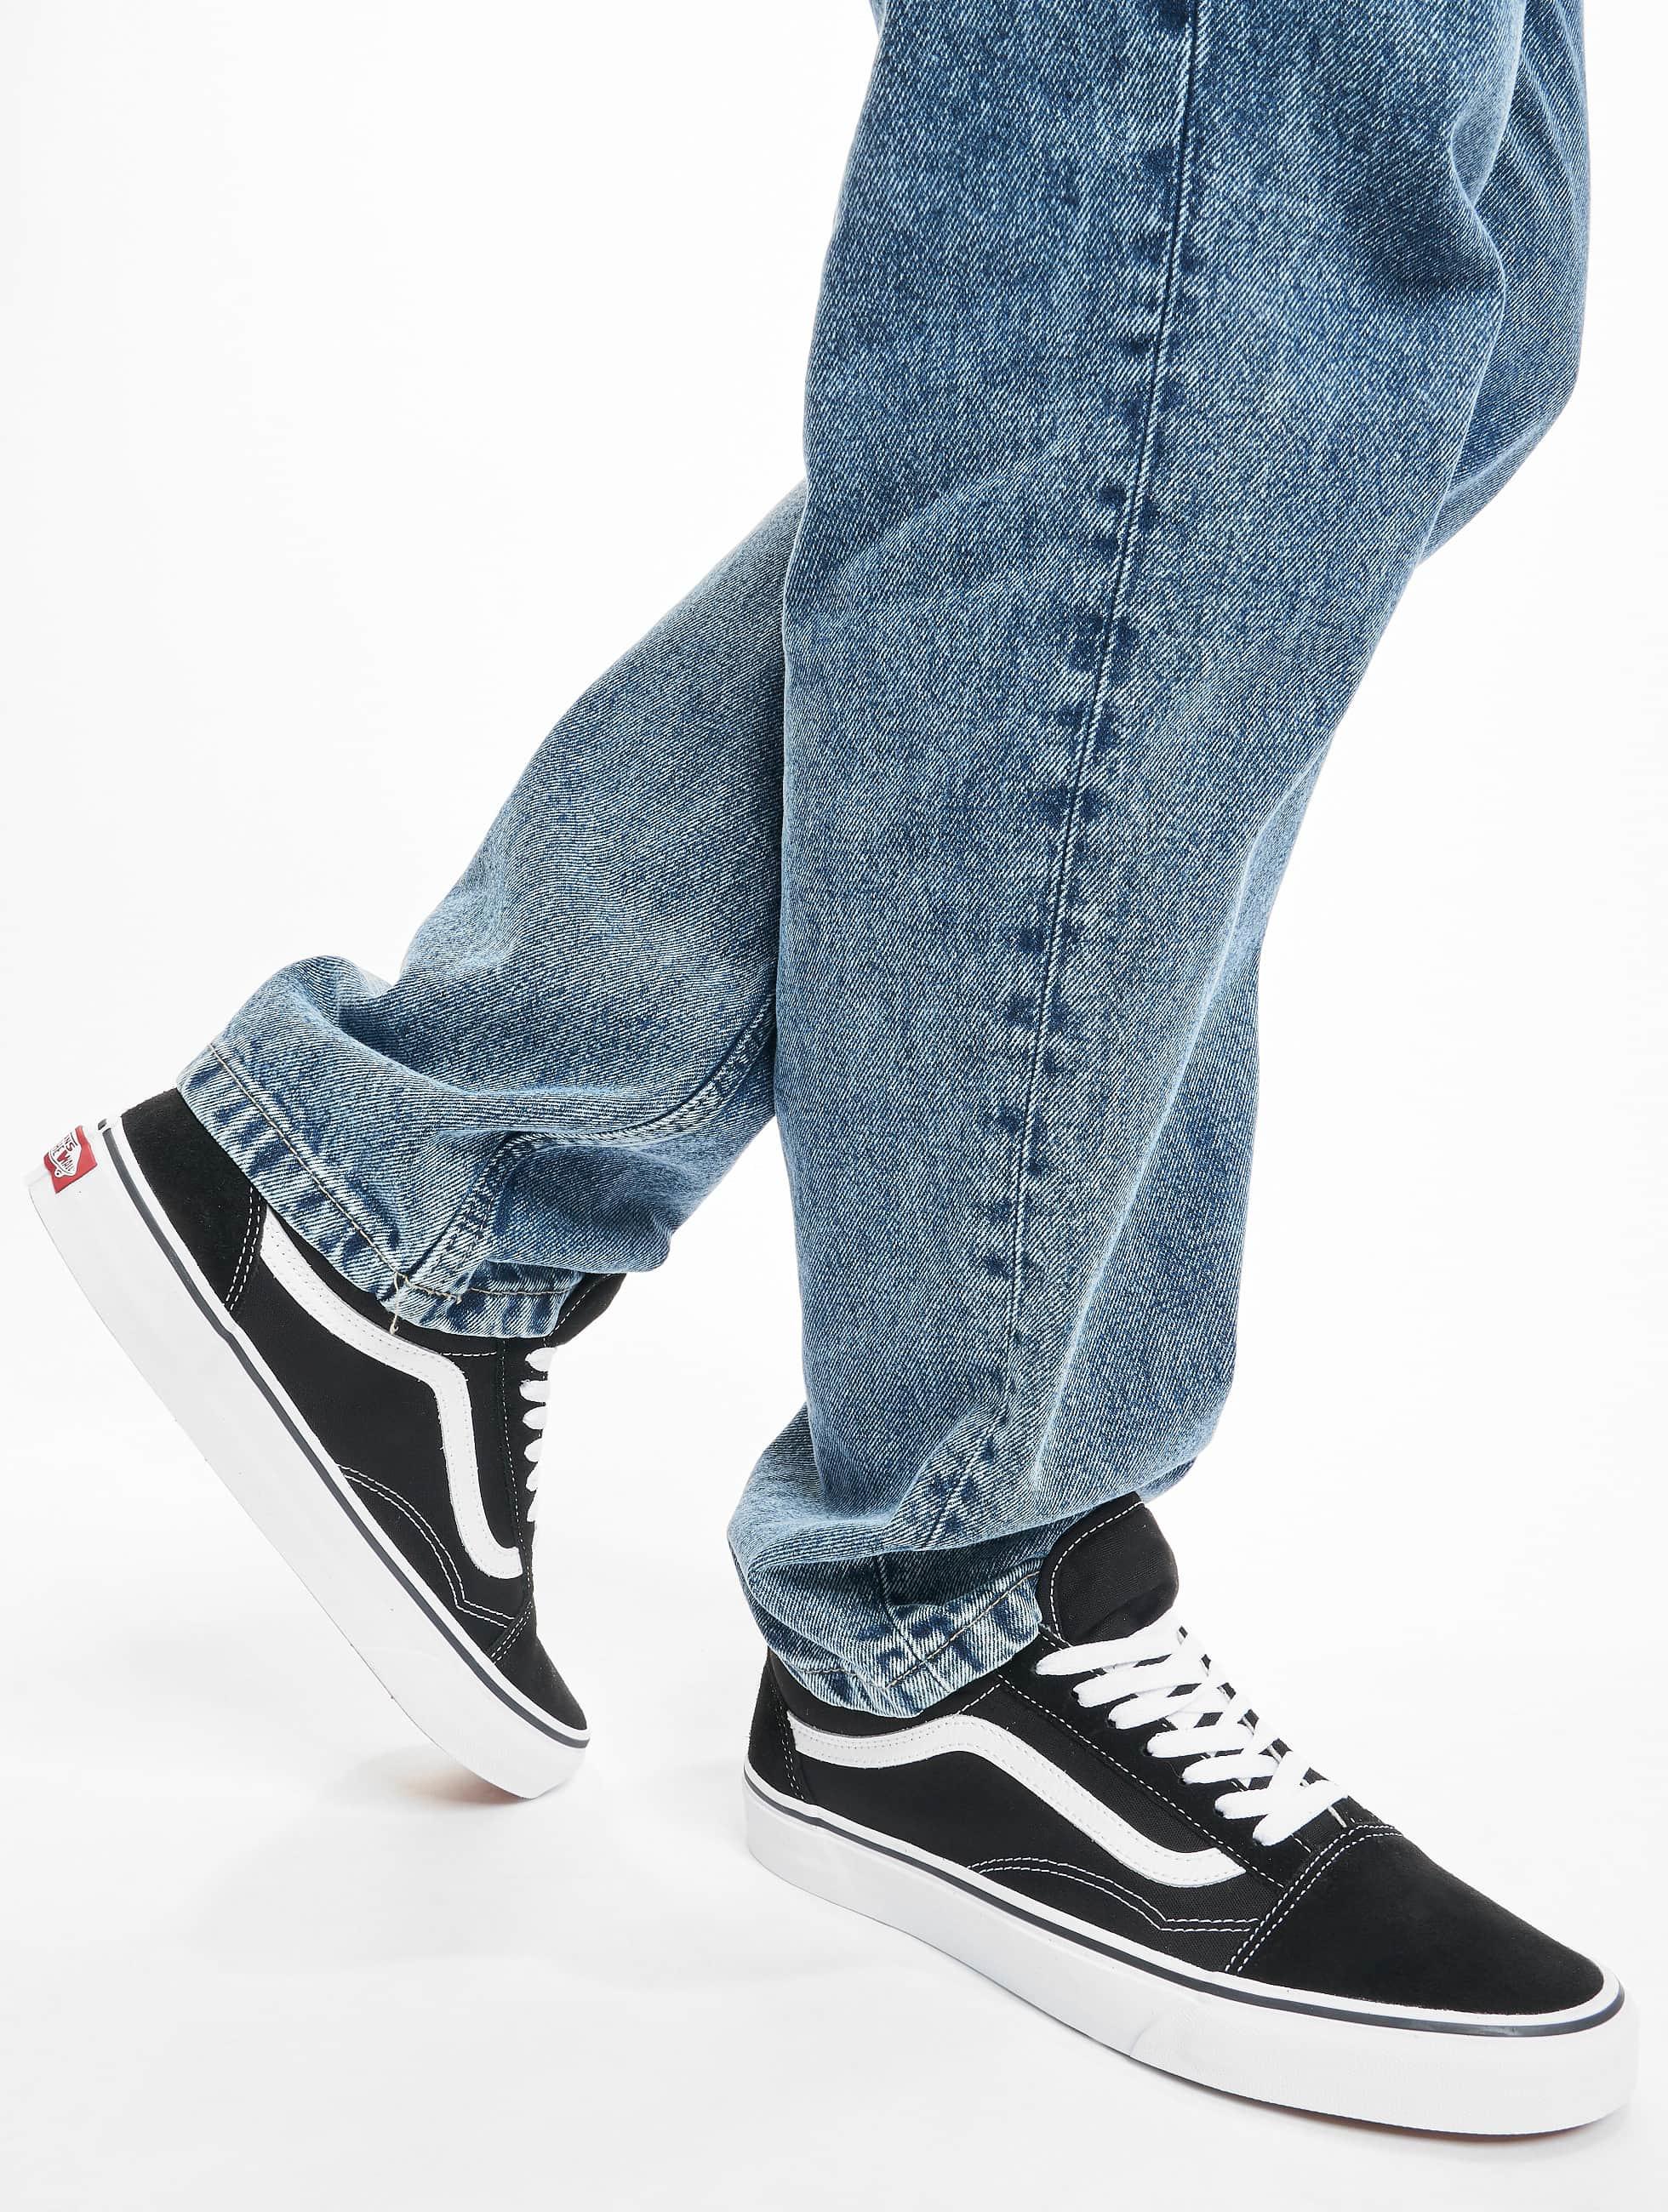 5203b1d5d2f895 Vans Sneakers met laagste prijsgarantie kopen